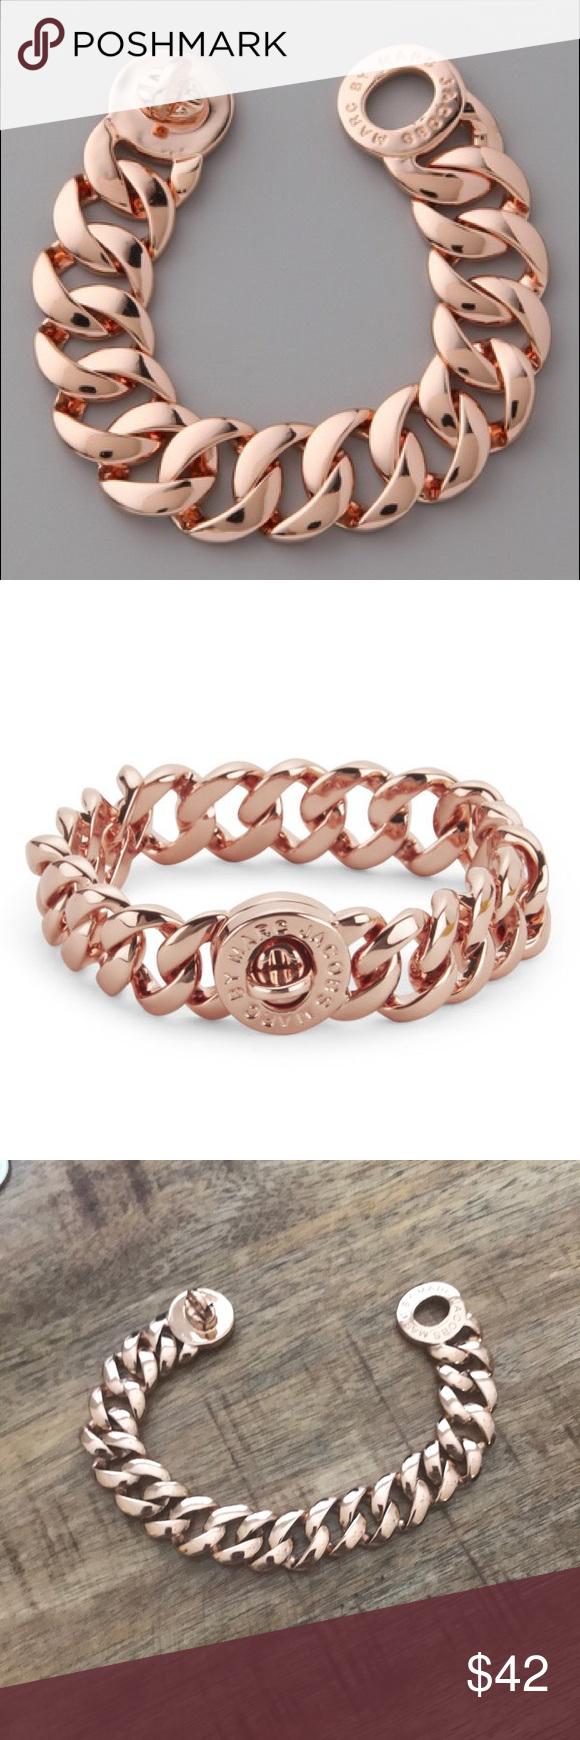 Marc jacobs euc rose gold bracelet